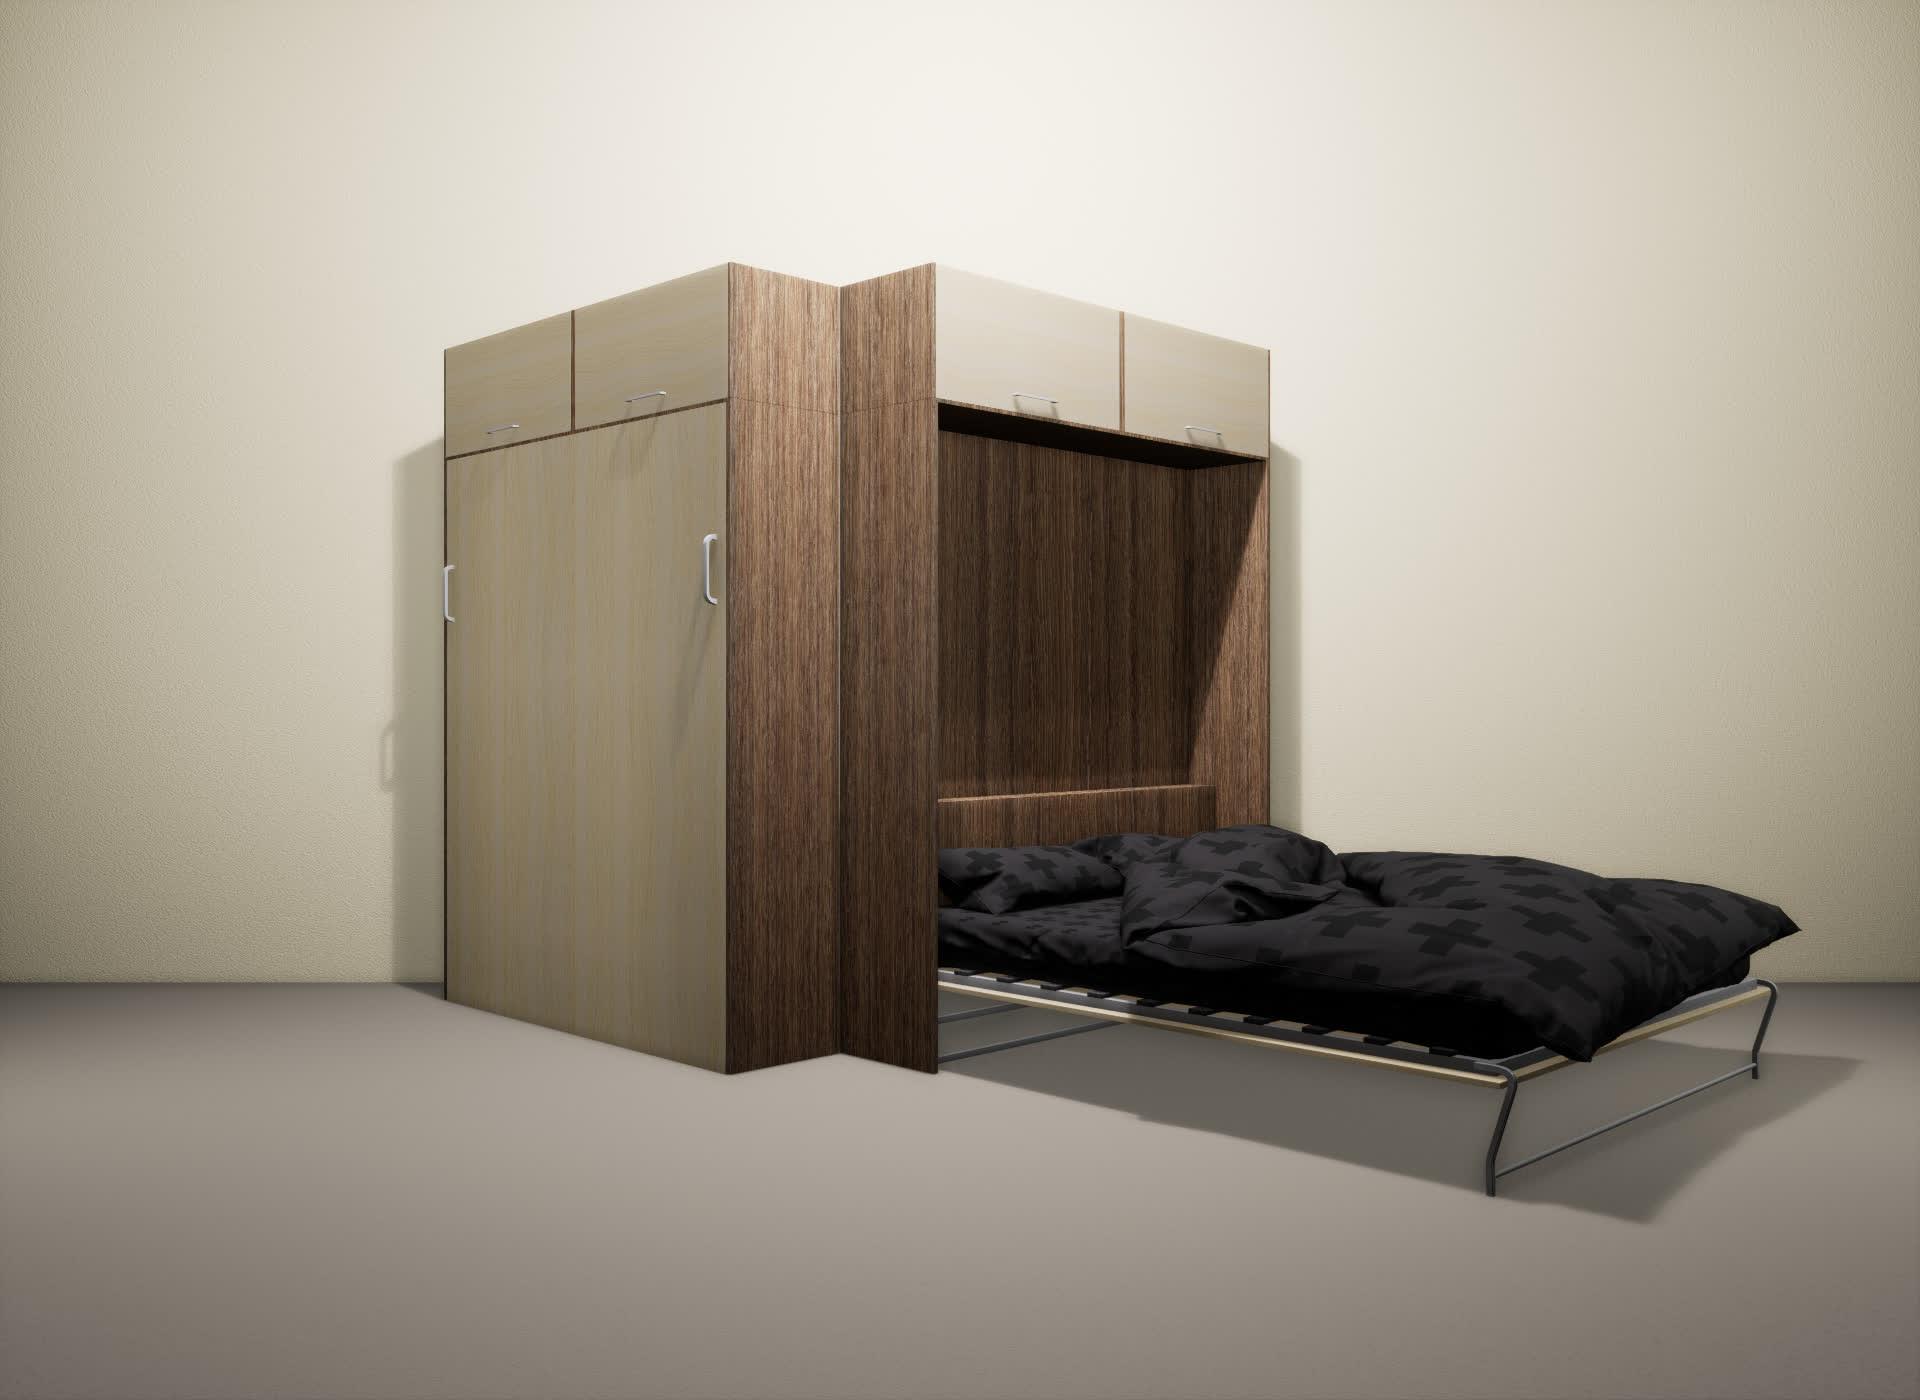 Шкаф-кровать SMART HOME Альфа шамони/молочный дуб